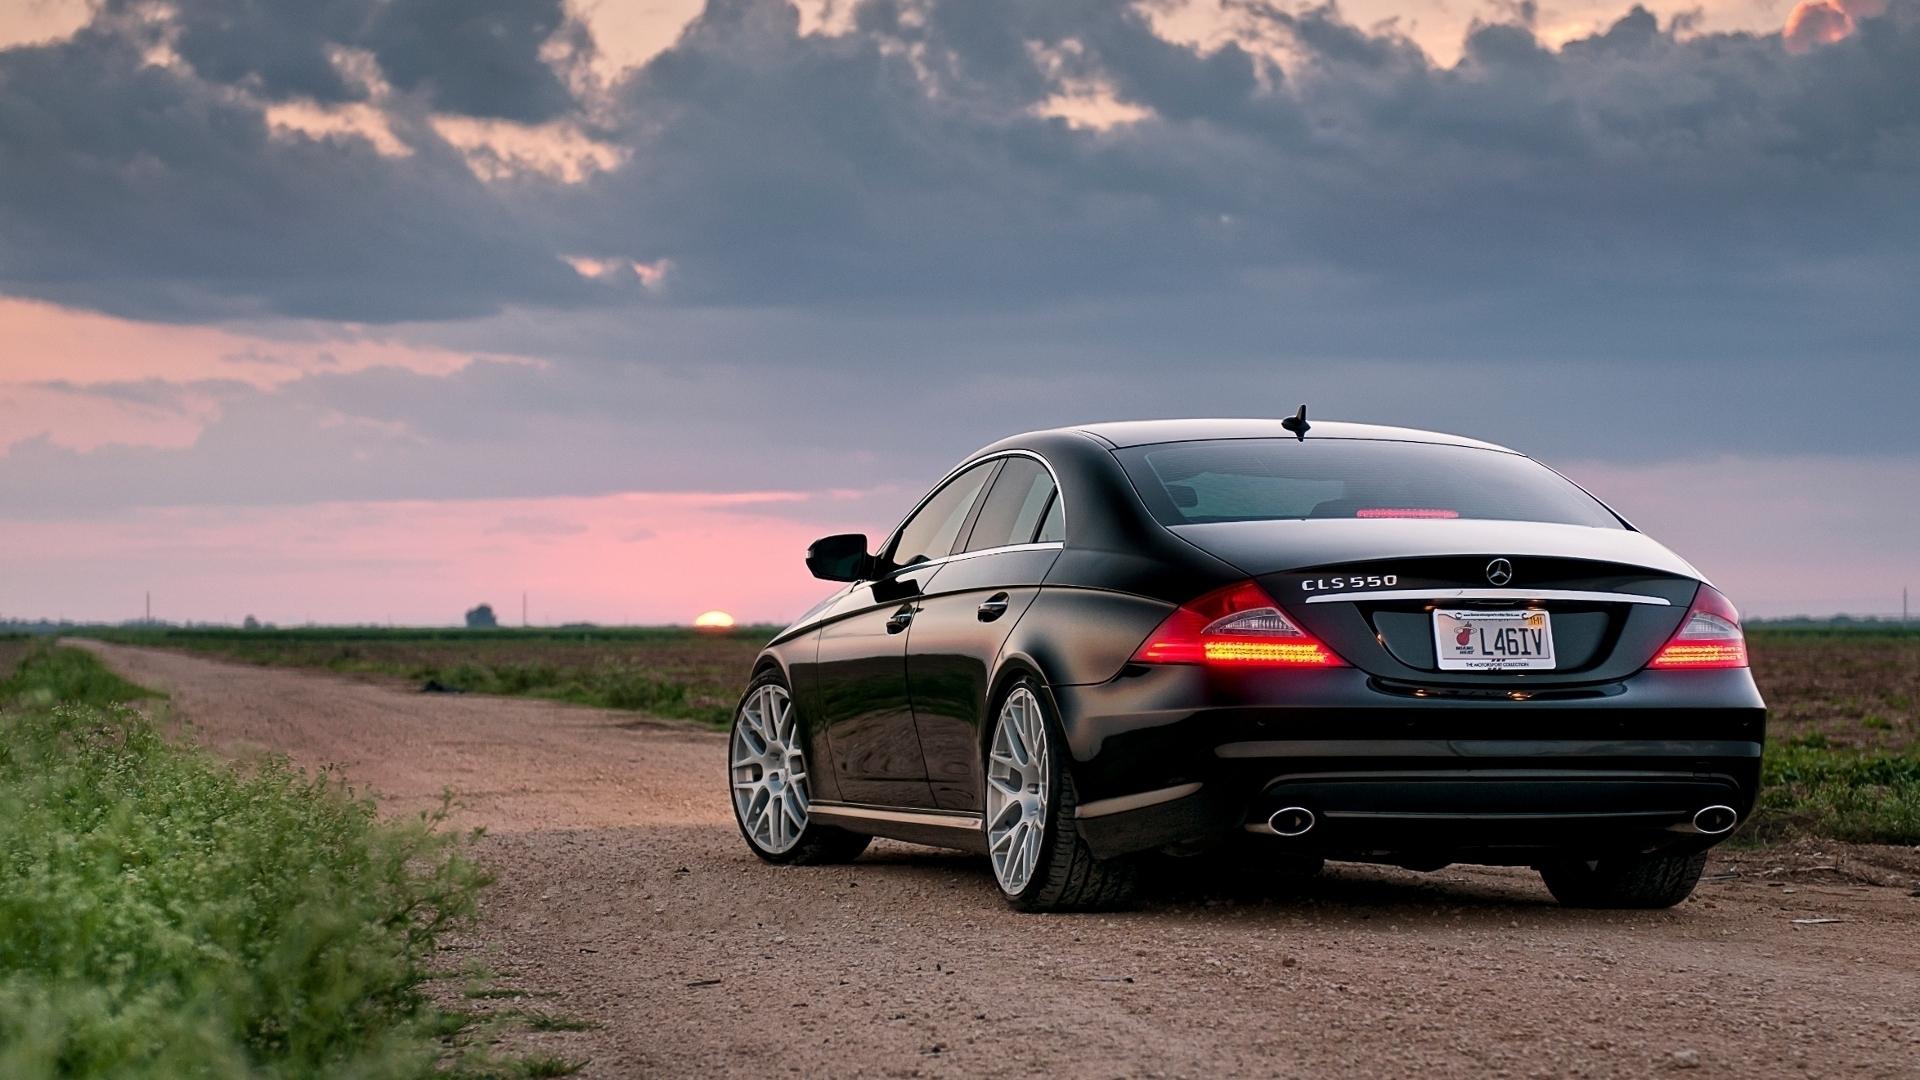 43584 скачать обои Транспорт, Машины, Мерседес (Mercedes) - заставки и картинки бесплатно